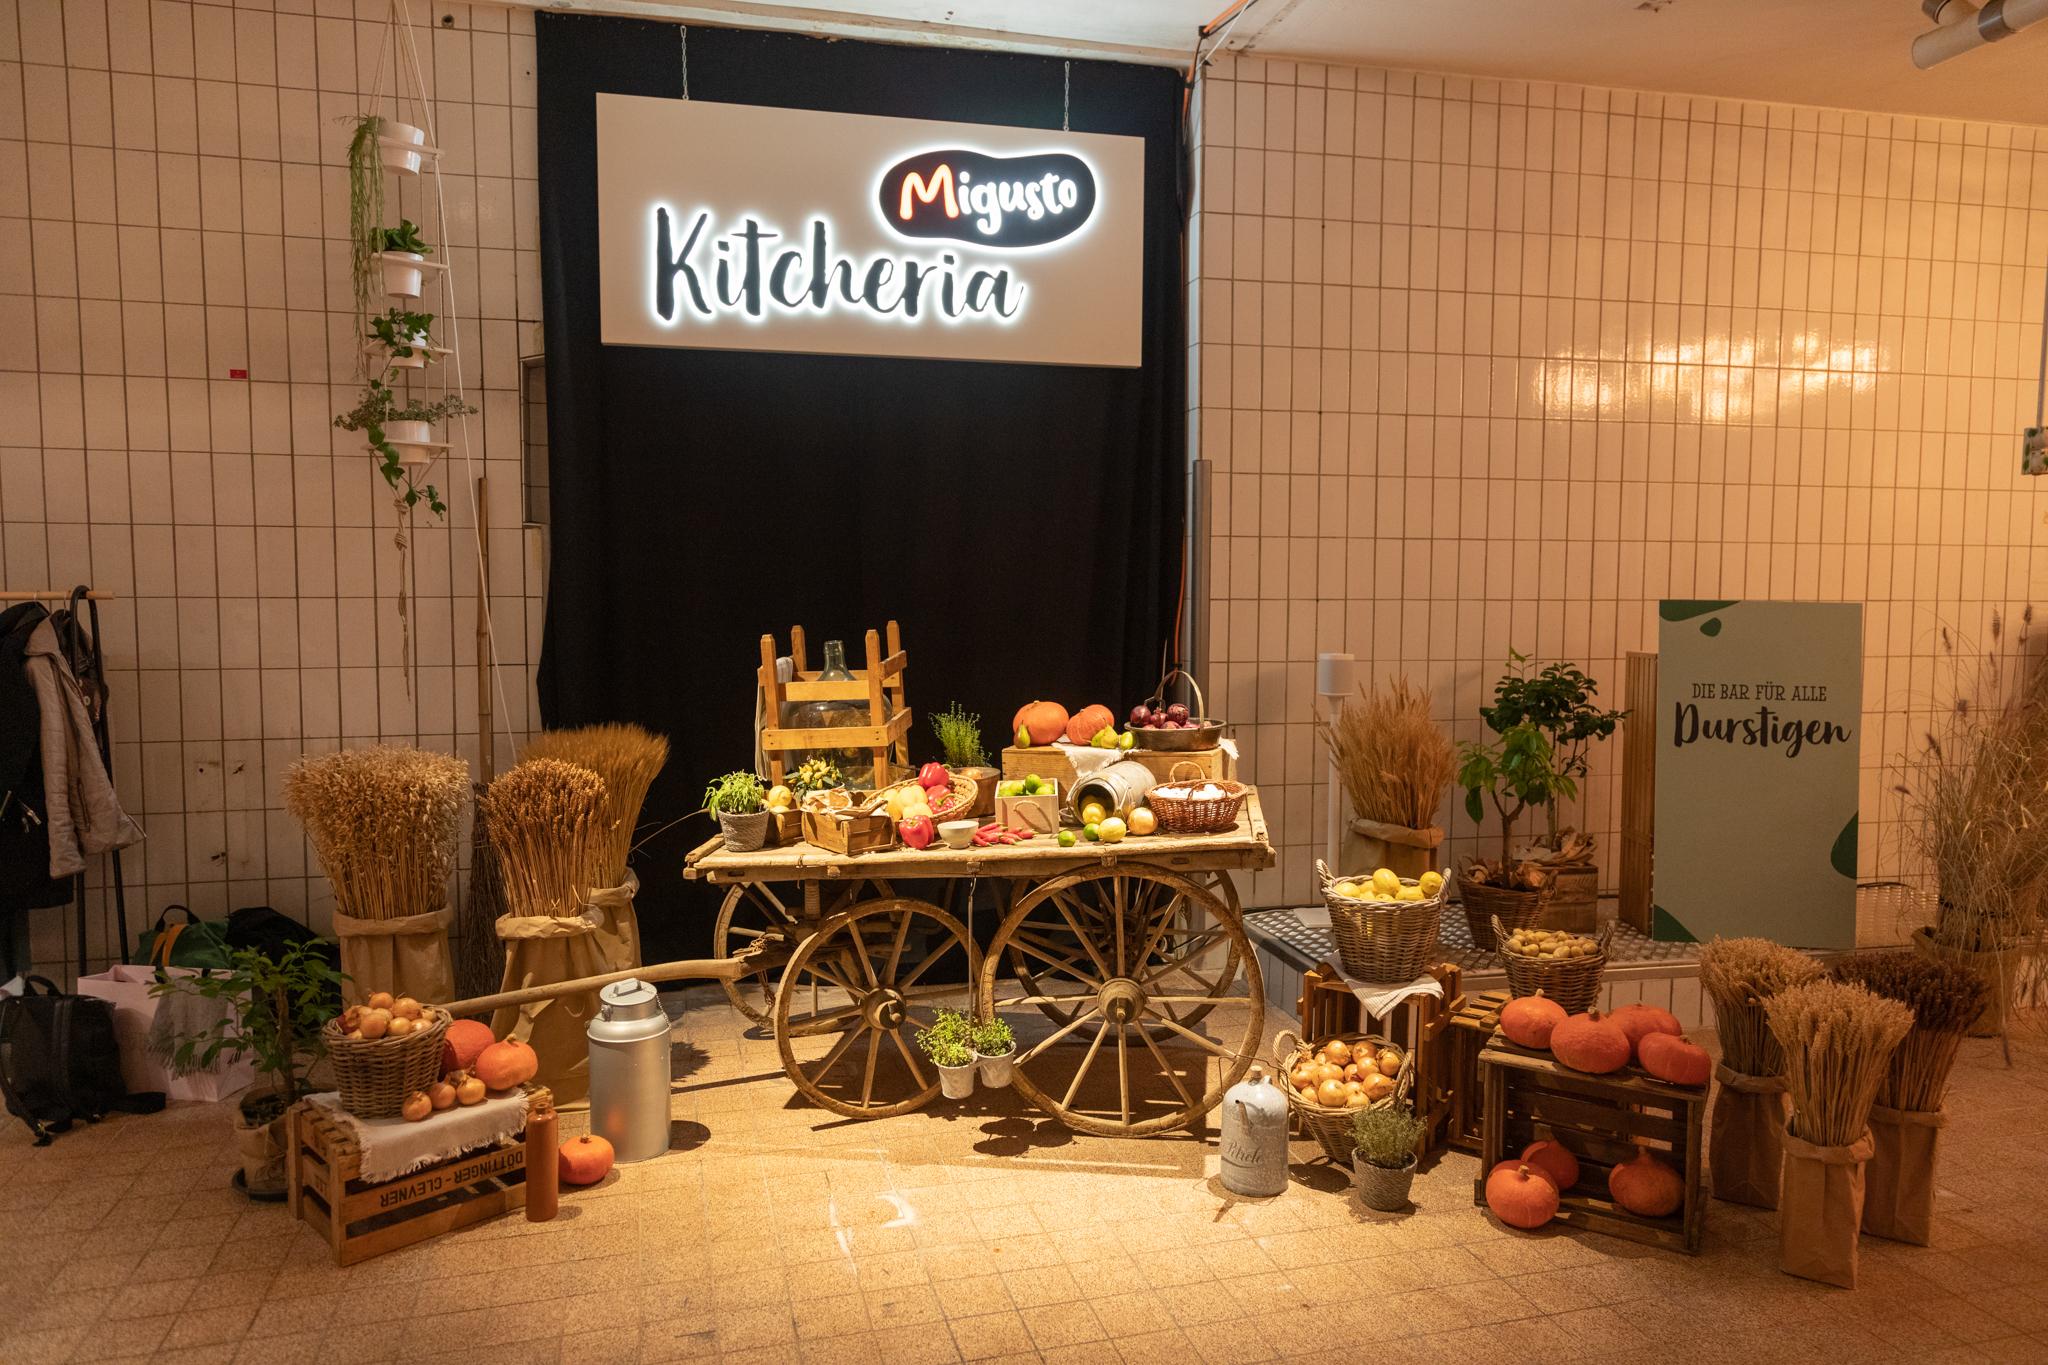 Kitcheria Marktplatz frische Zutaten